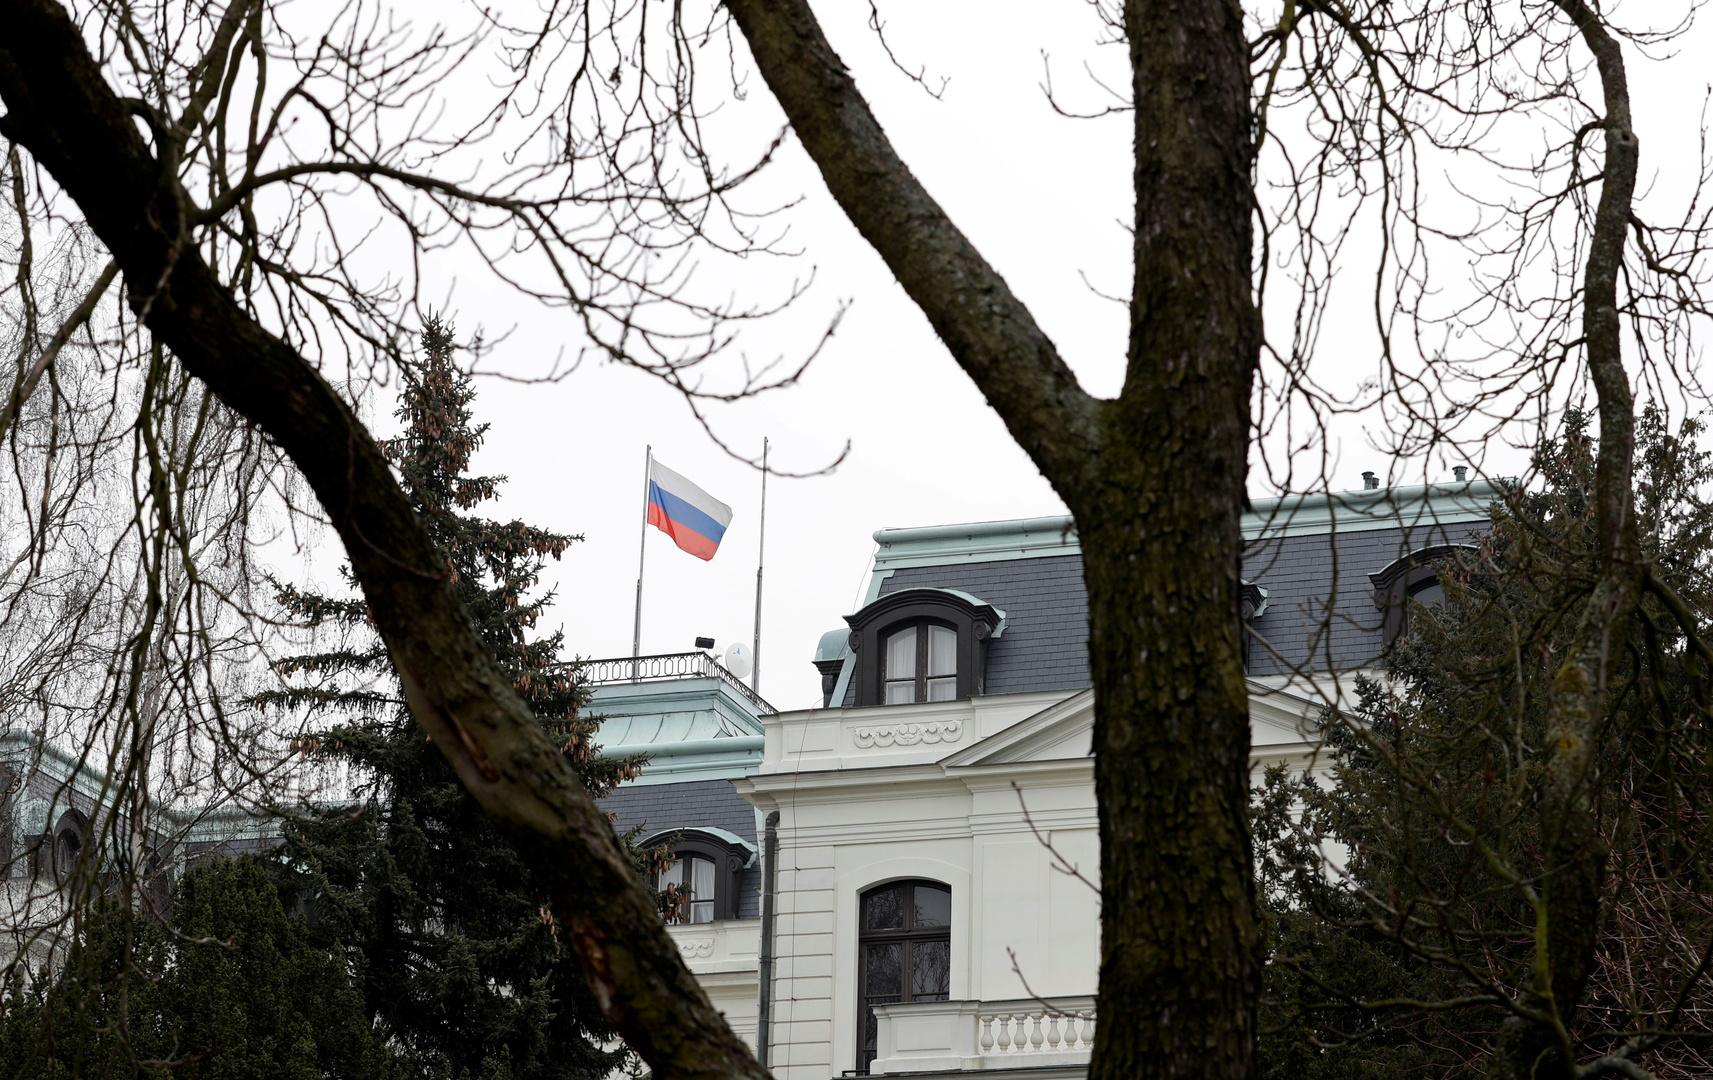 التشيك تطلب من موسكو تقليص تمثيلها الدبلوماسي بشكل حاد